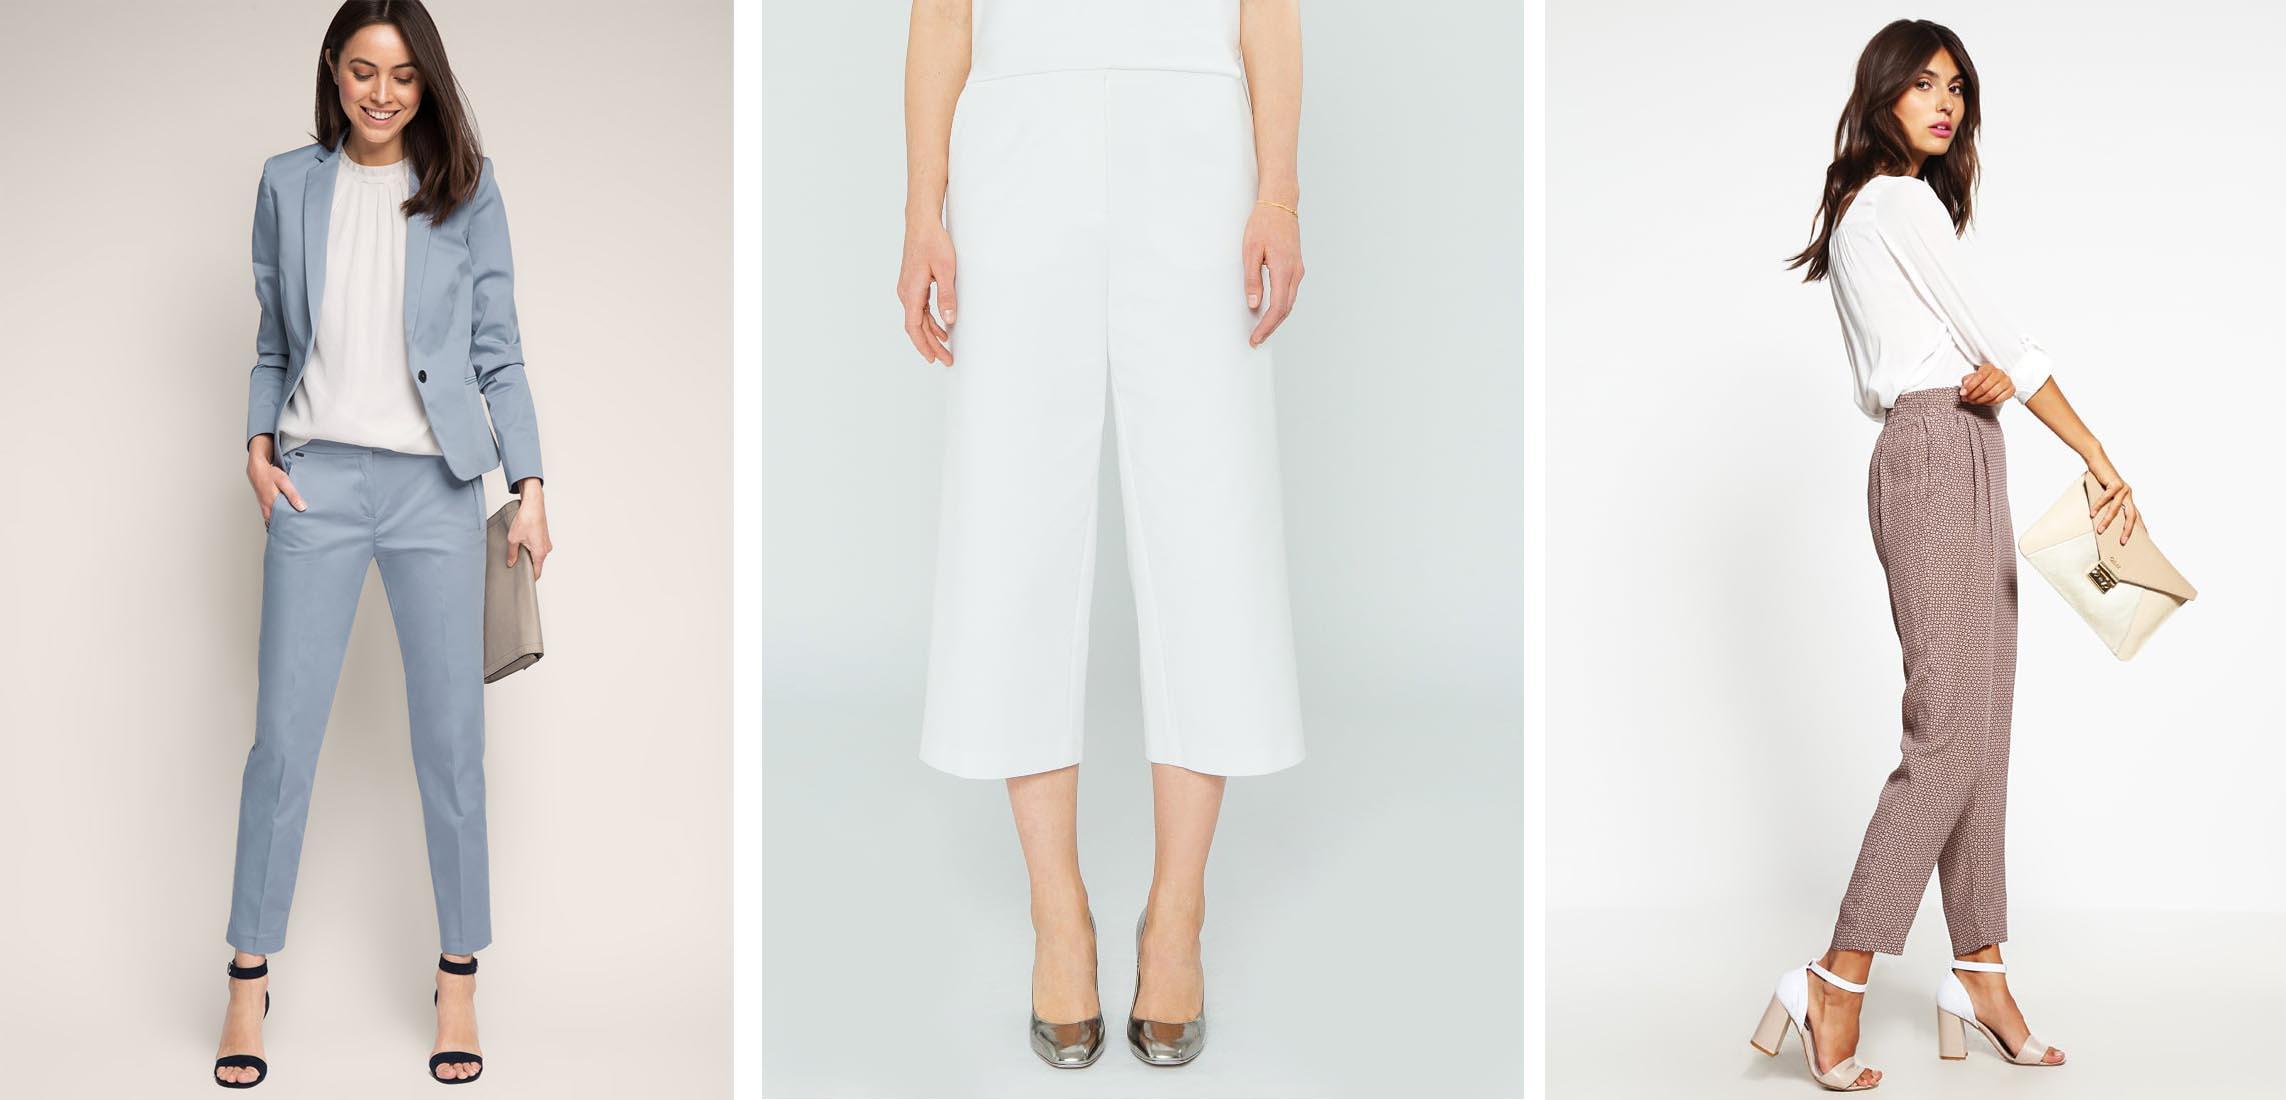 Shoppen: 16x zomers en stijlvol naar kantoor in deze broeken